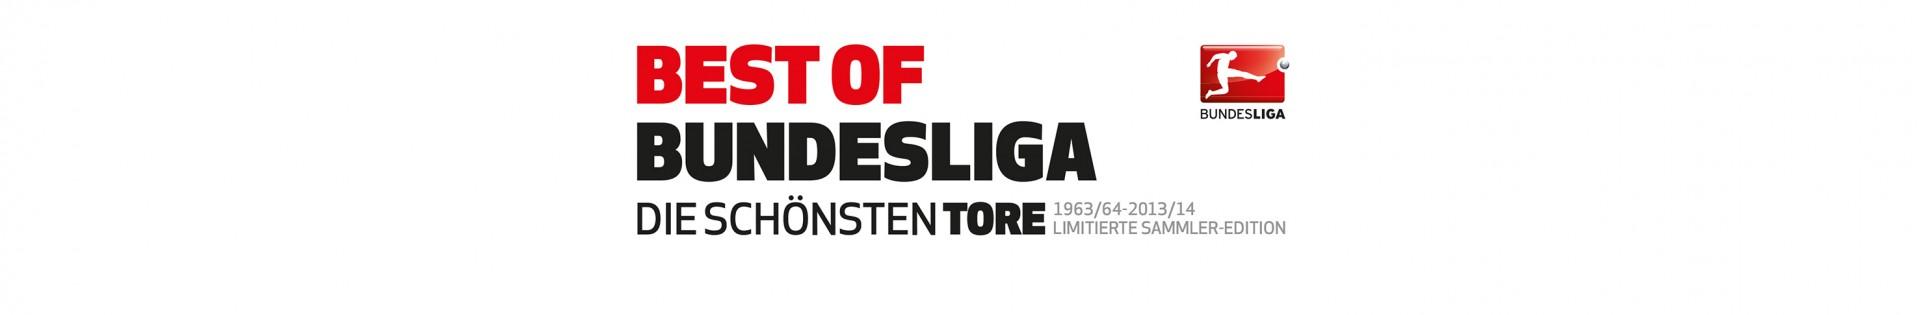 Best of Bundesliga – Die schönsten Tore